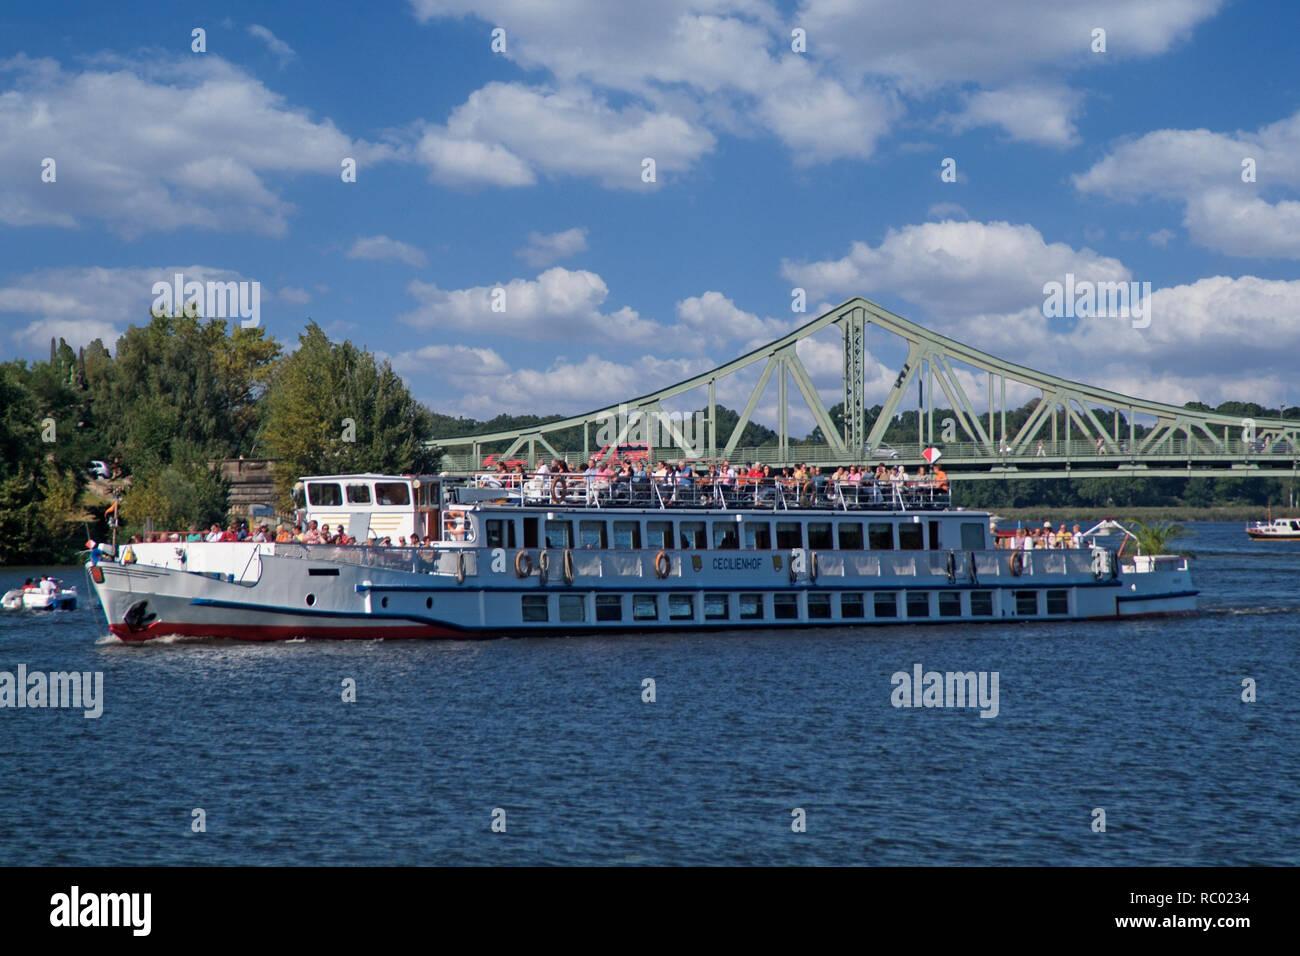 Glienicker Brücke Verbindung Berlin Potsdam über Die